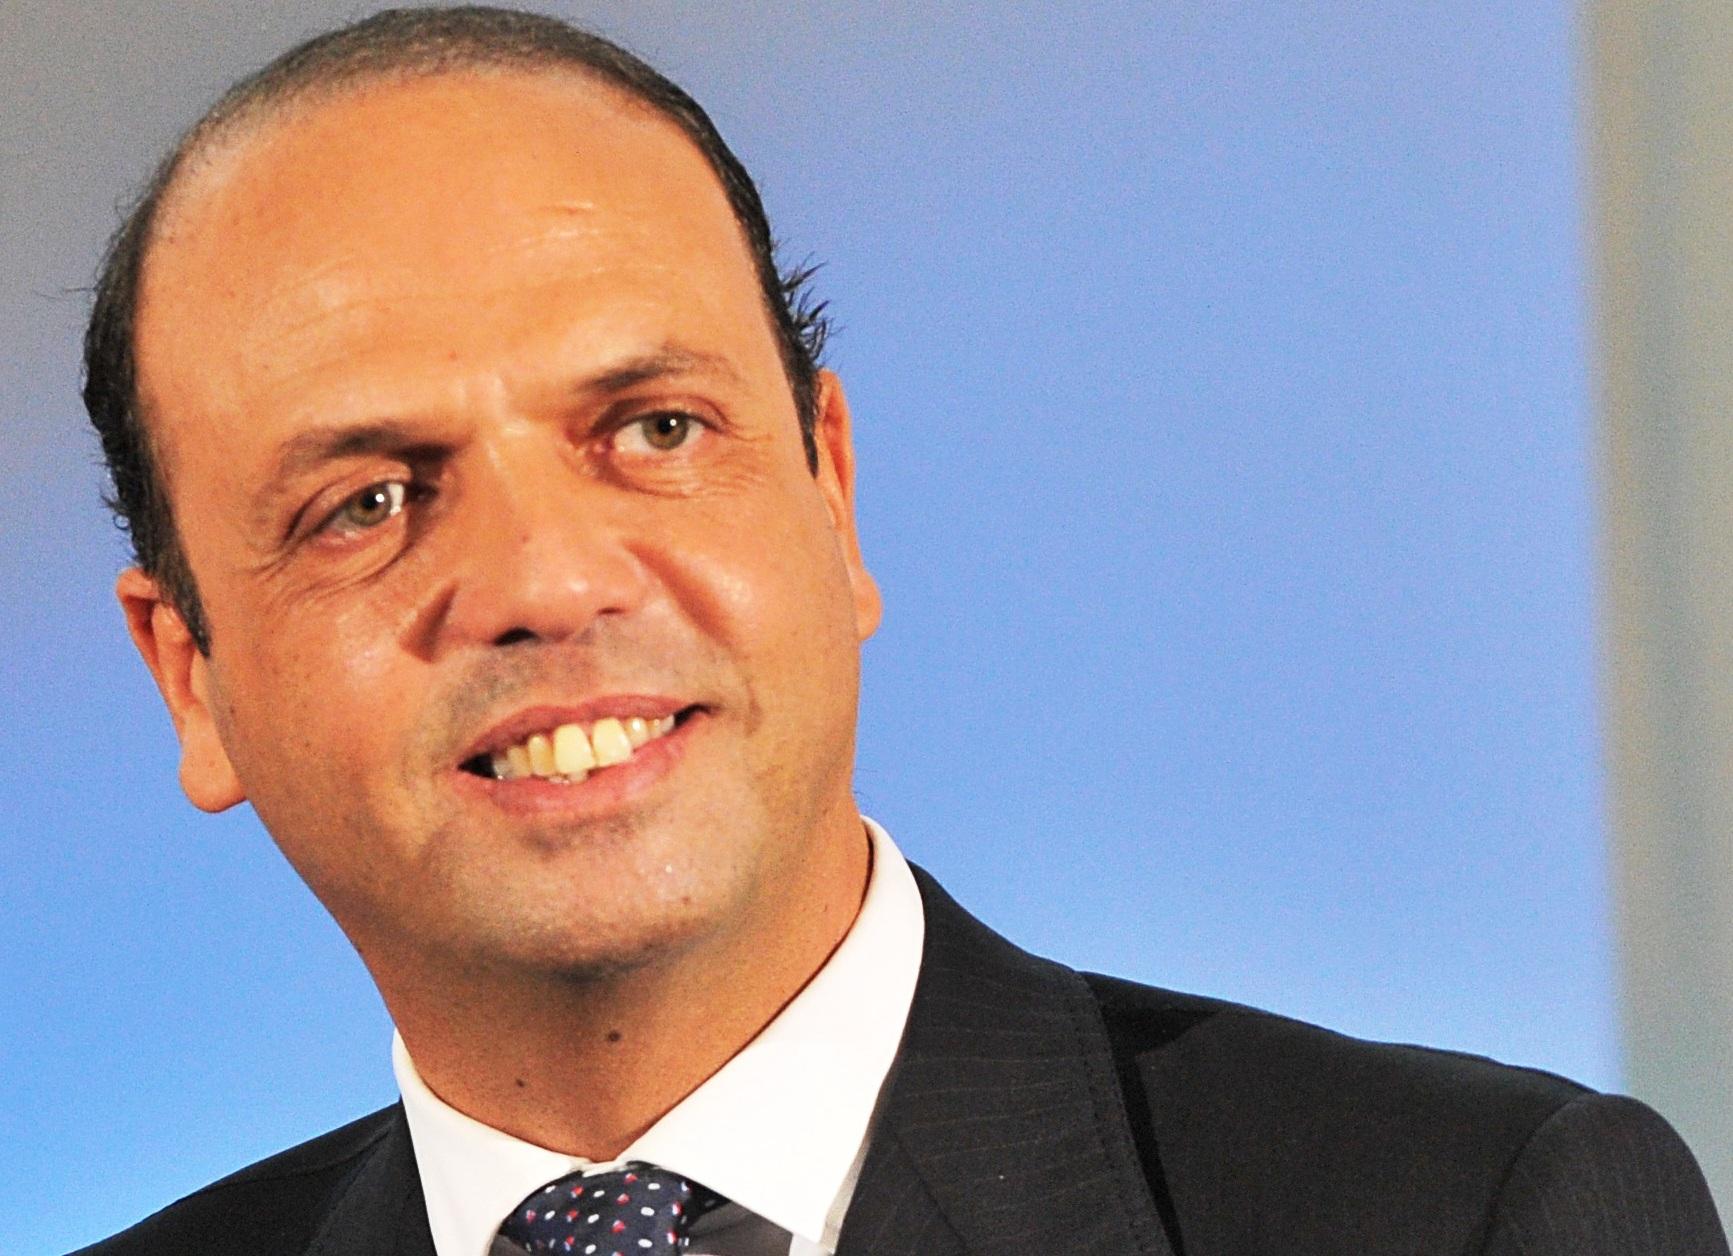 وزير الخارجية الإيطالي يُؤكد دعم بلاده لتونس في كافة المجالات